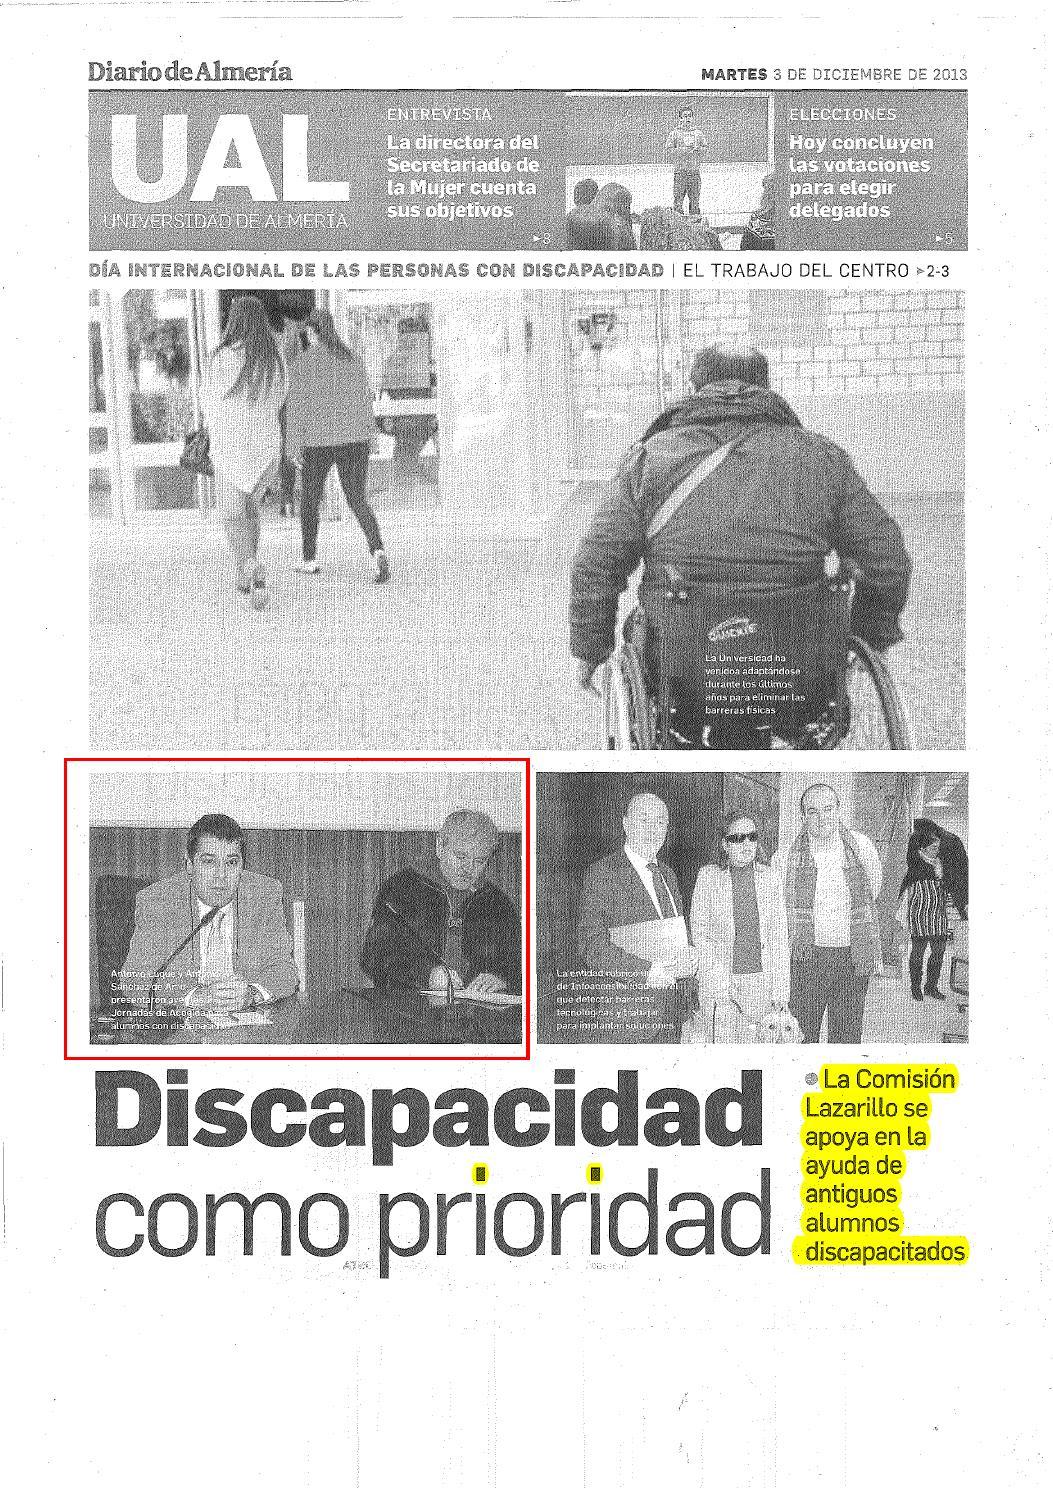 Dossier De Prensa Discapacidad 3 Y 4 Diciembre By Asociaci N  # Muebles Lao Orduna